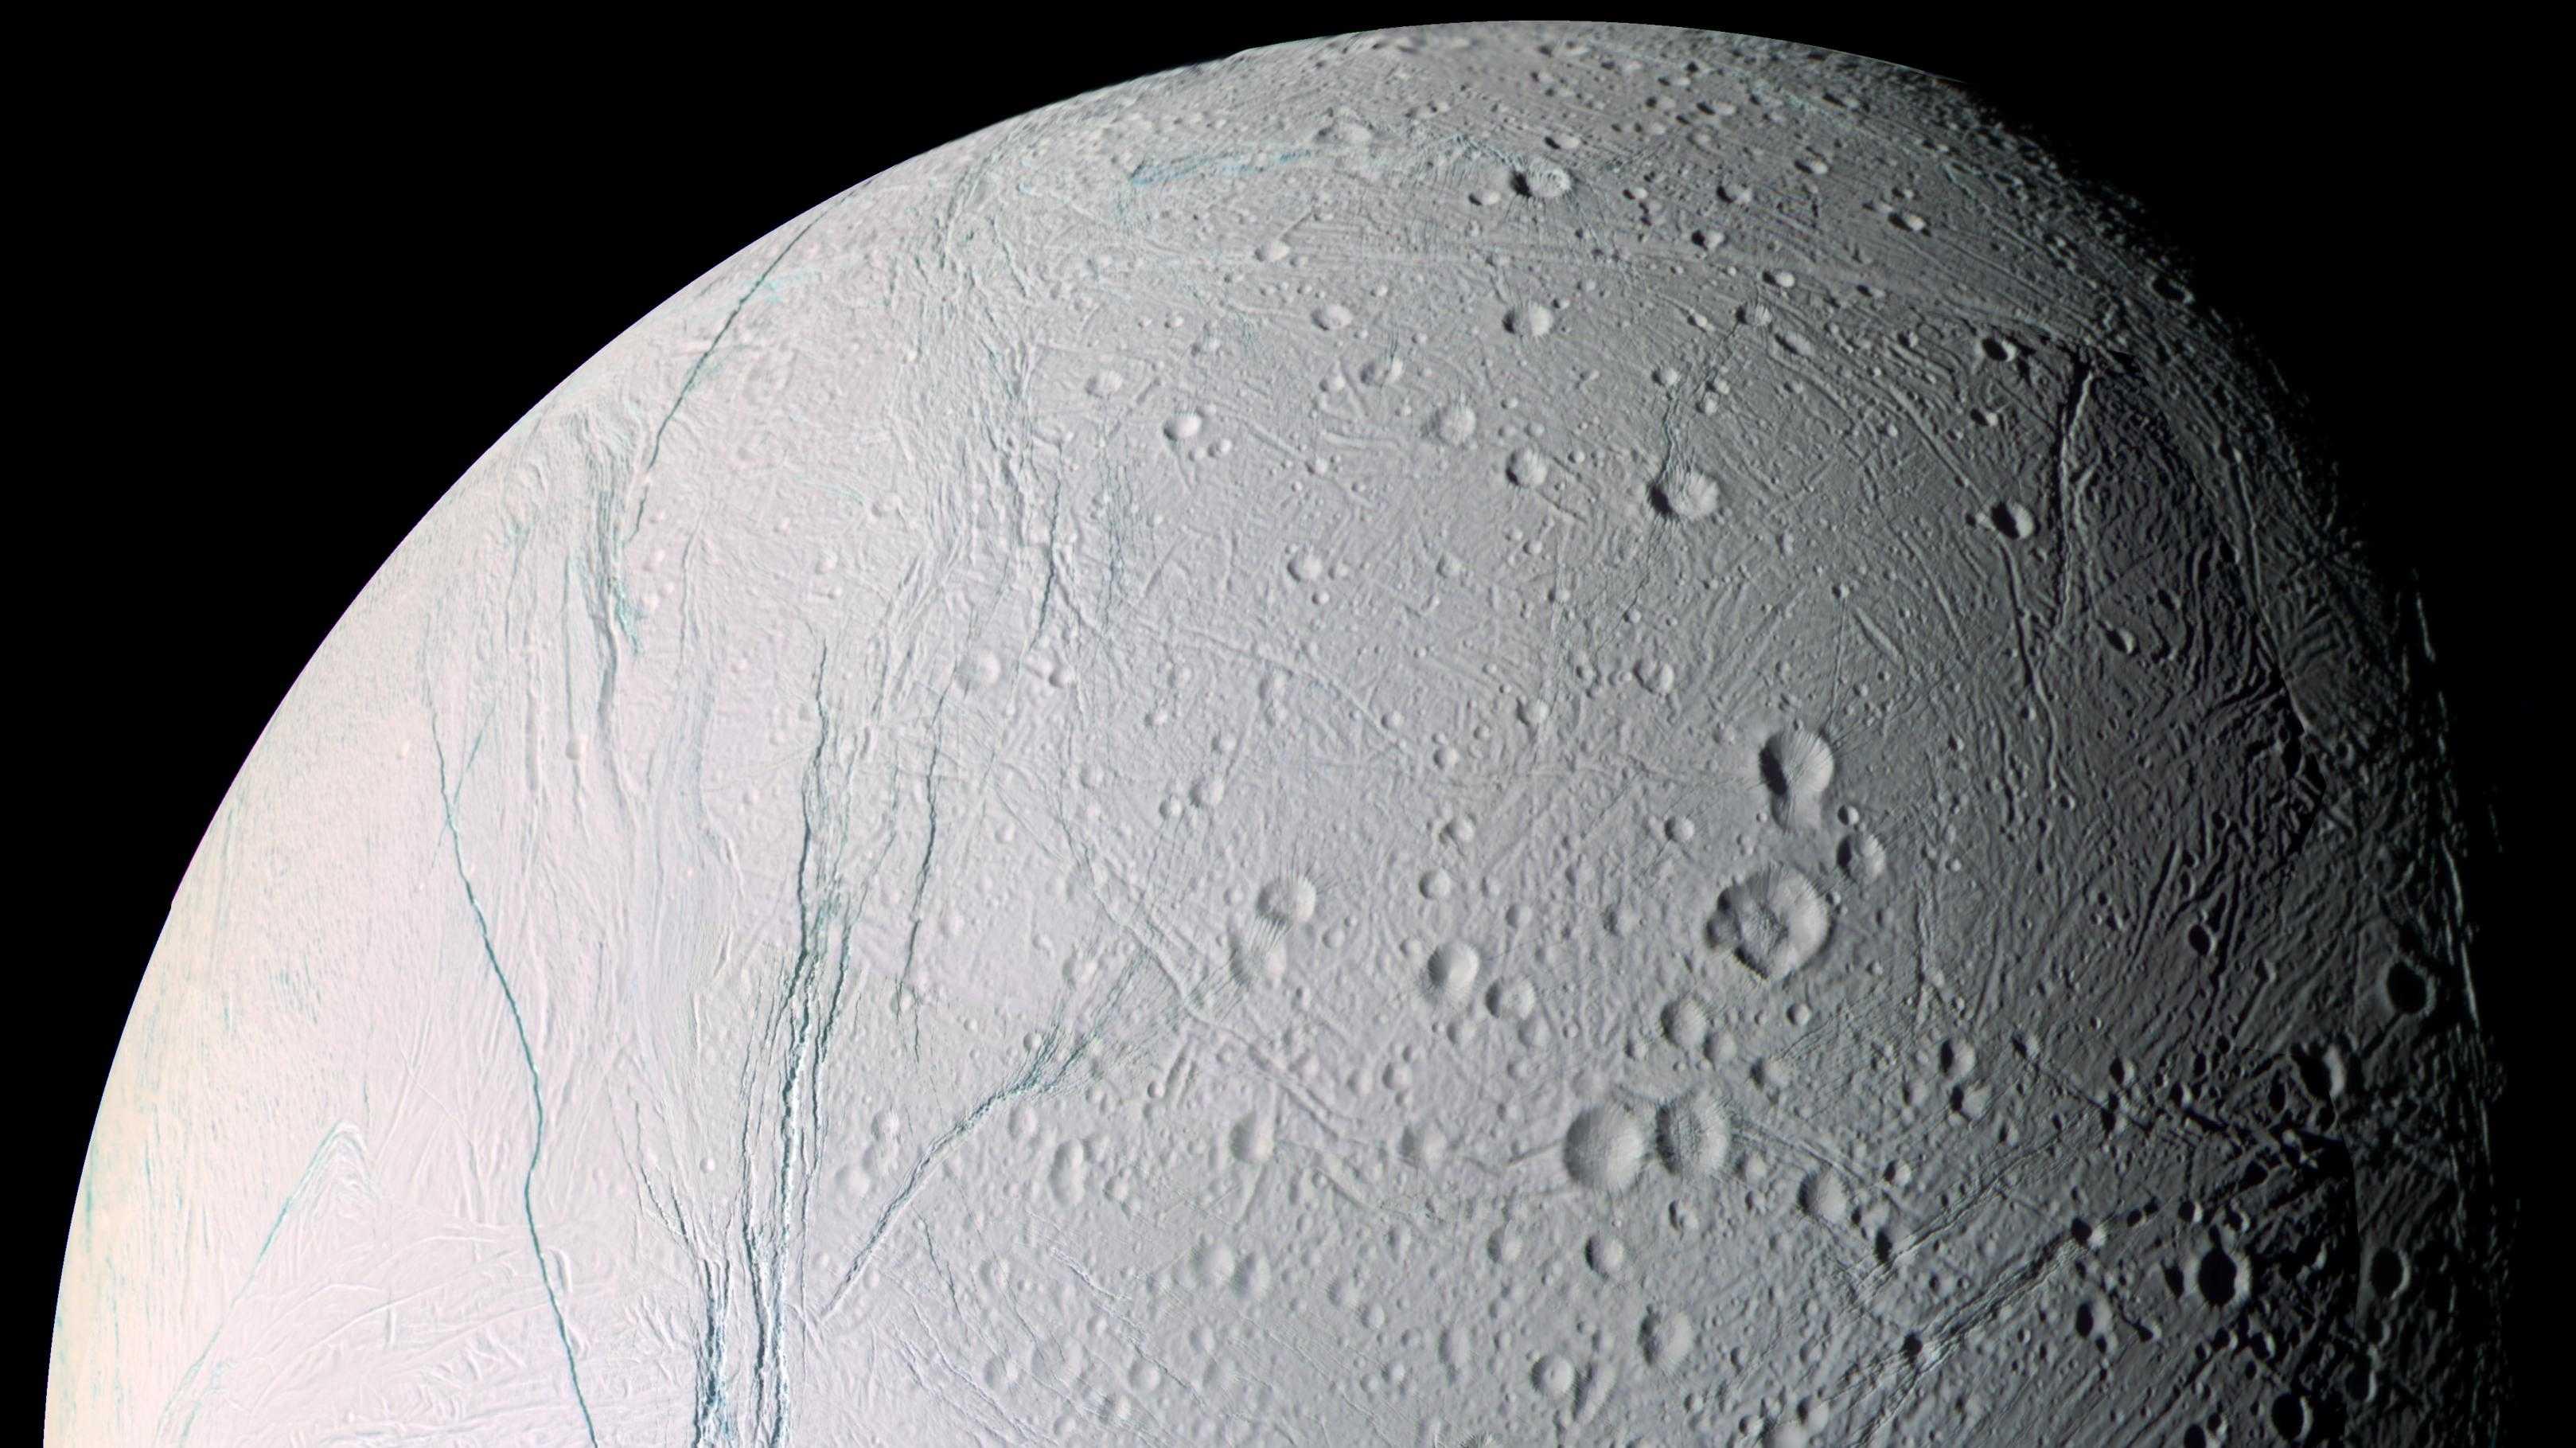 IAC 2018: Über eine Station am Mond zu den Eismonden